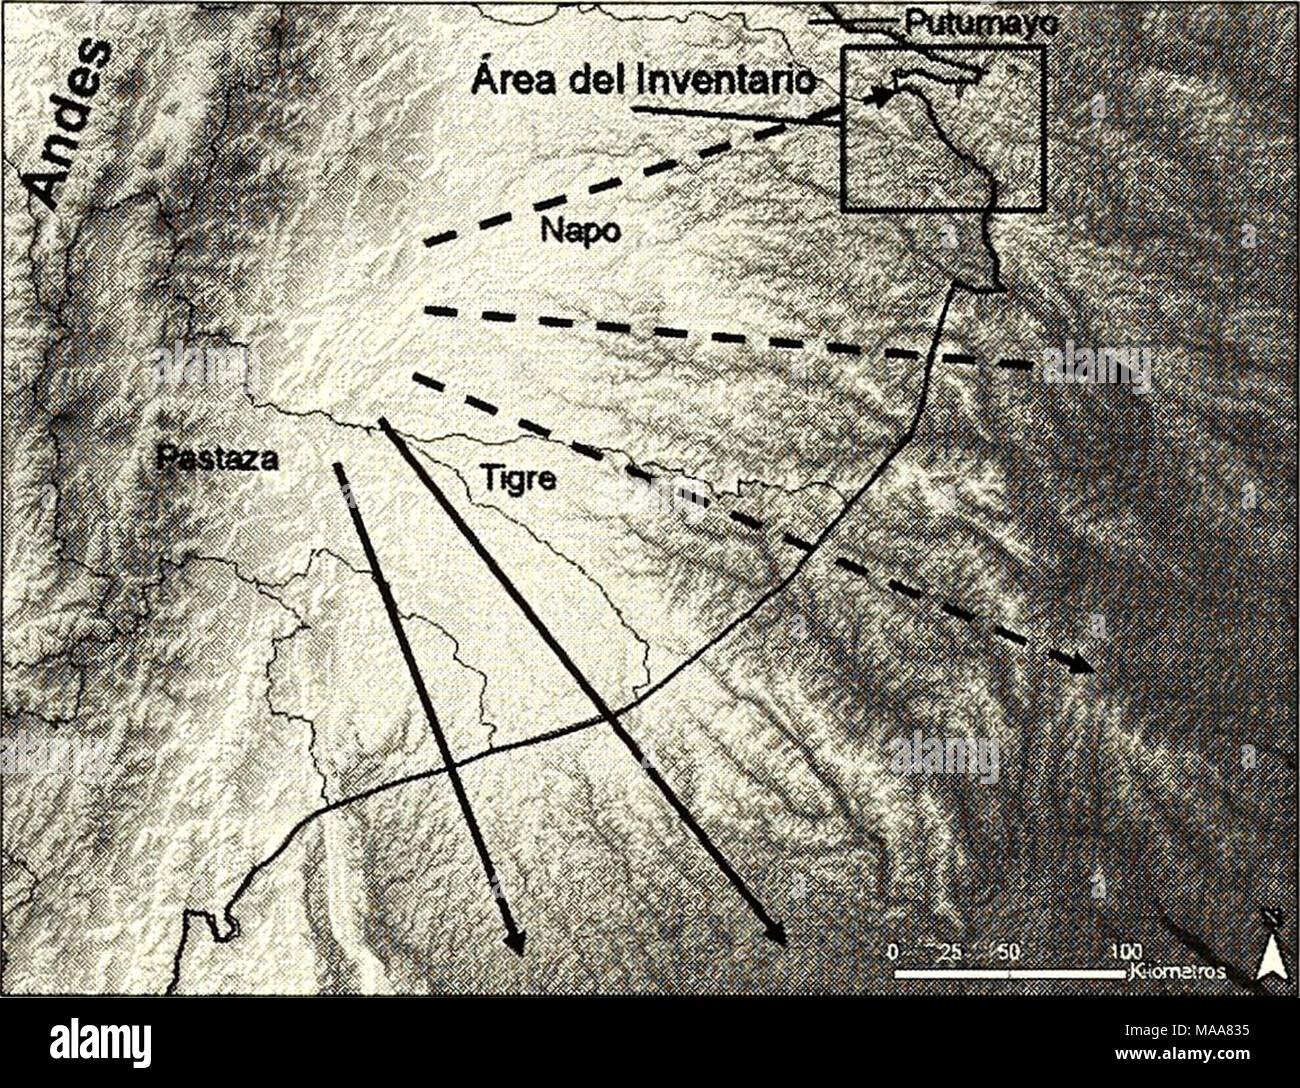 """. Ecuador, Perú : Cuyabeno-Güeppí . Una significativa erosión de la sección nororiental del abanico aluvial del Pastaza ha producido la formación de filos dramáticos y valles, diseccionando el terreno con un patrón radial desde la parte superior del abanico y formando las cabeceras del río Tigre, así como muchos de los afluentes del río Ñapo. Las colinas y filos restantes (las """"terrazas altas"""" que fueron comúnmente encontradas durante este inventario) todavía aparecen como superficies planas, aunque ligeramente inclinadas, que eran posiblemente parte de la superficie del abanico aluv - Stock Image"""